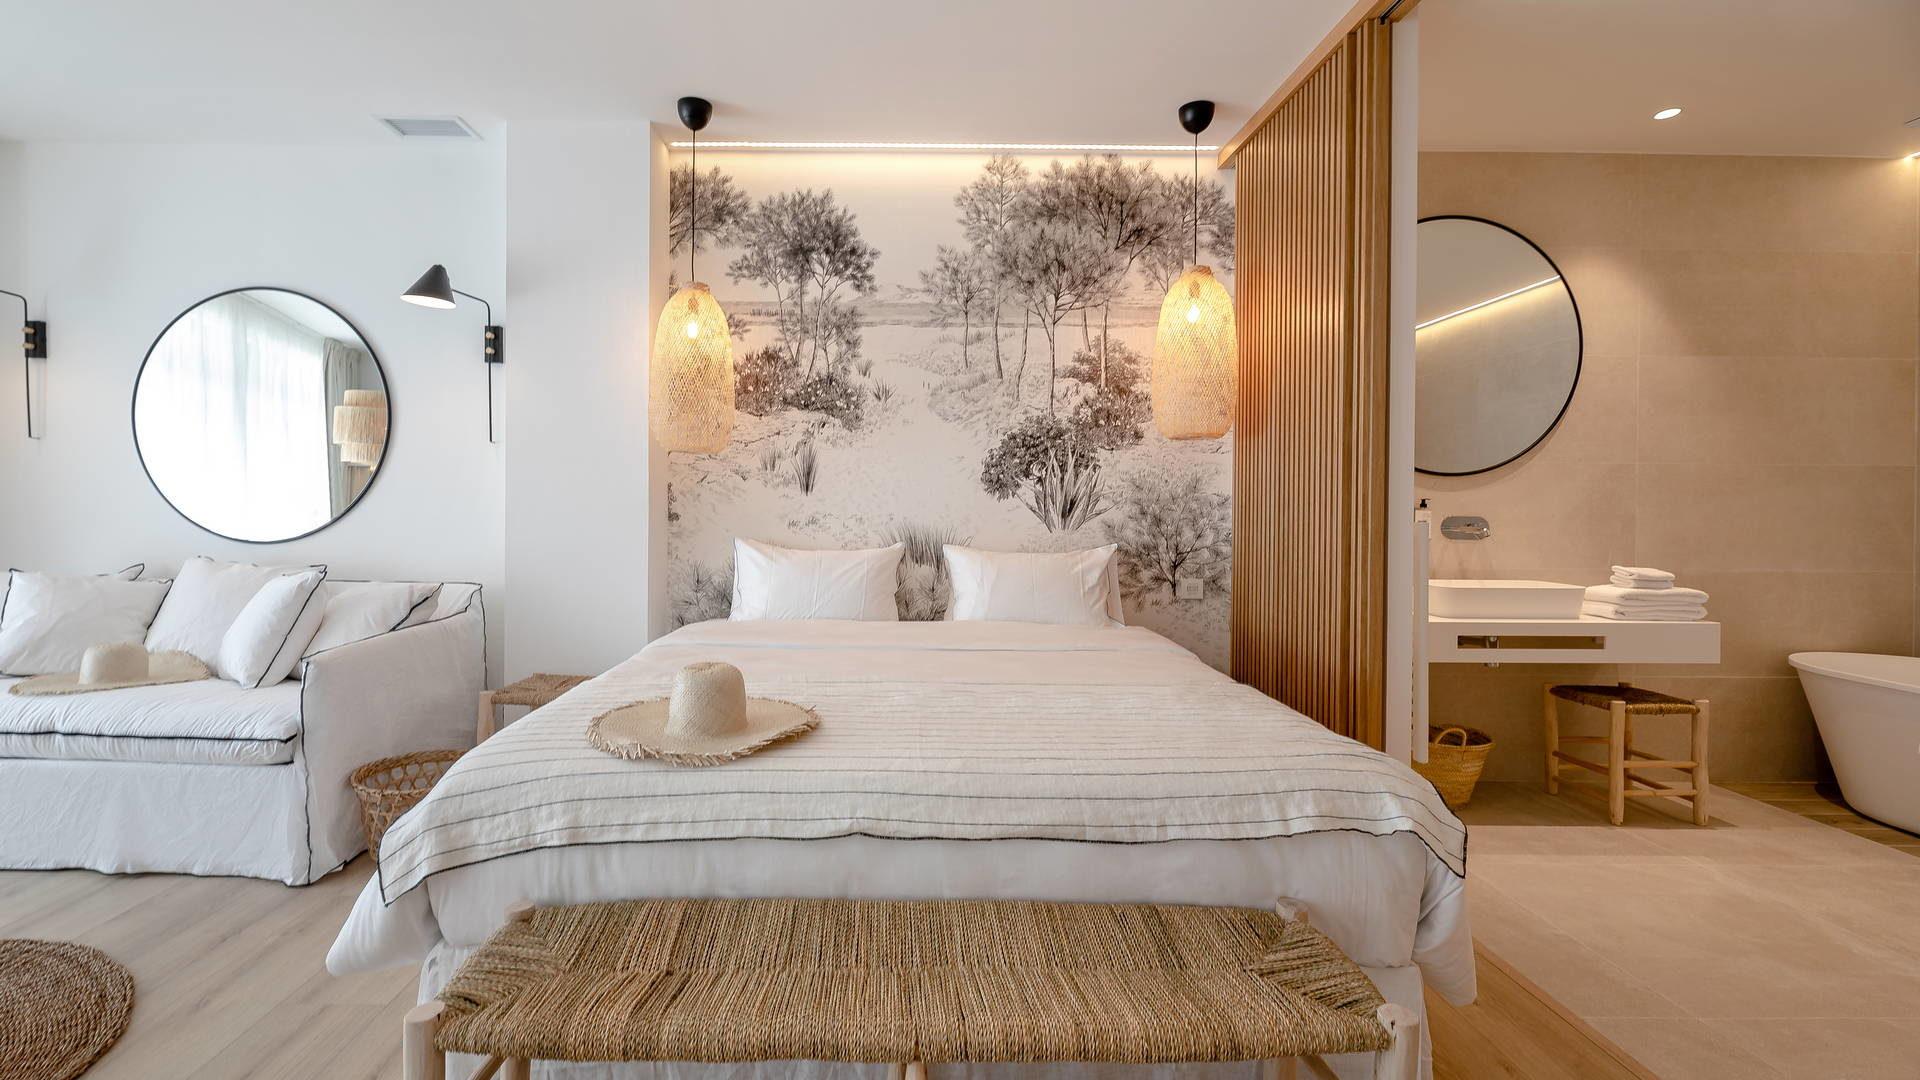 Chambre blanche & grise hotel méditerranée